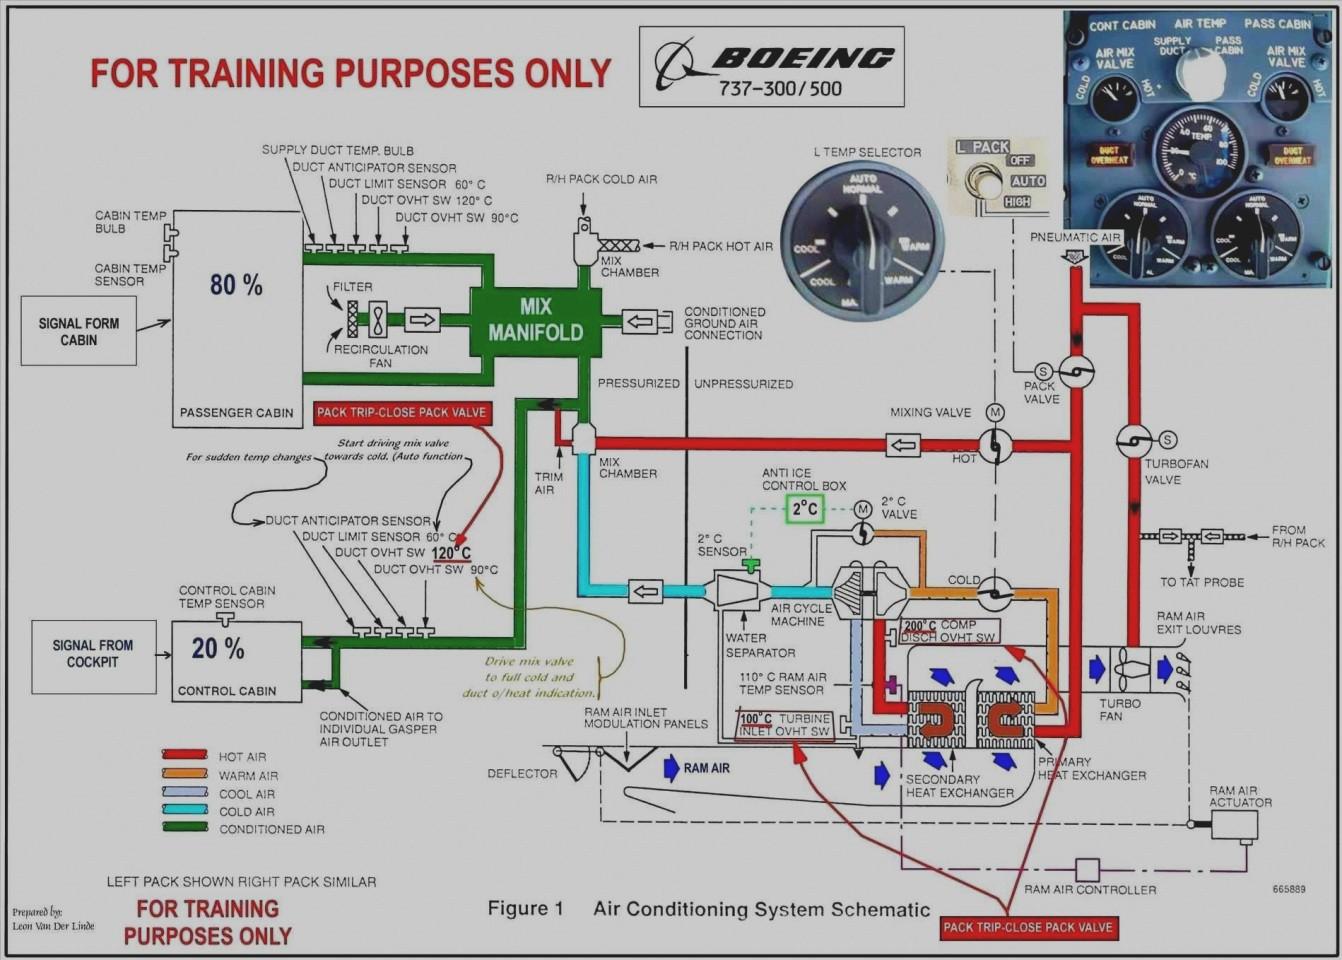 Air Conditioner Wiring Diagram Pdf 27 Images Automotive Air Conditioning Wiring Diagram Pdf Car Ac